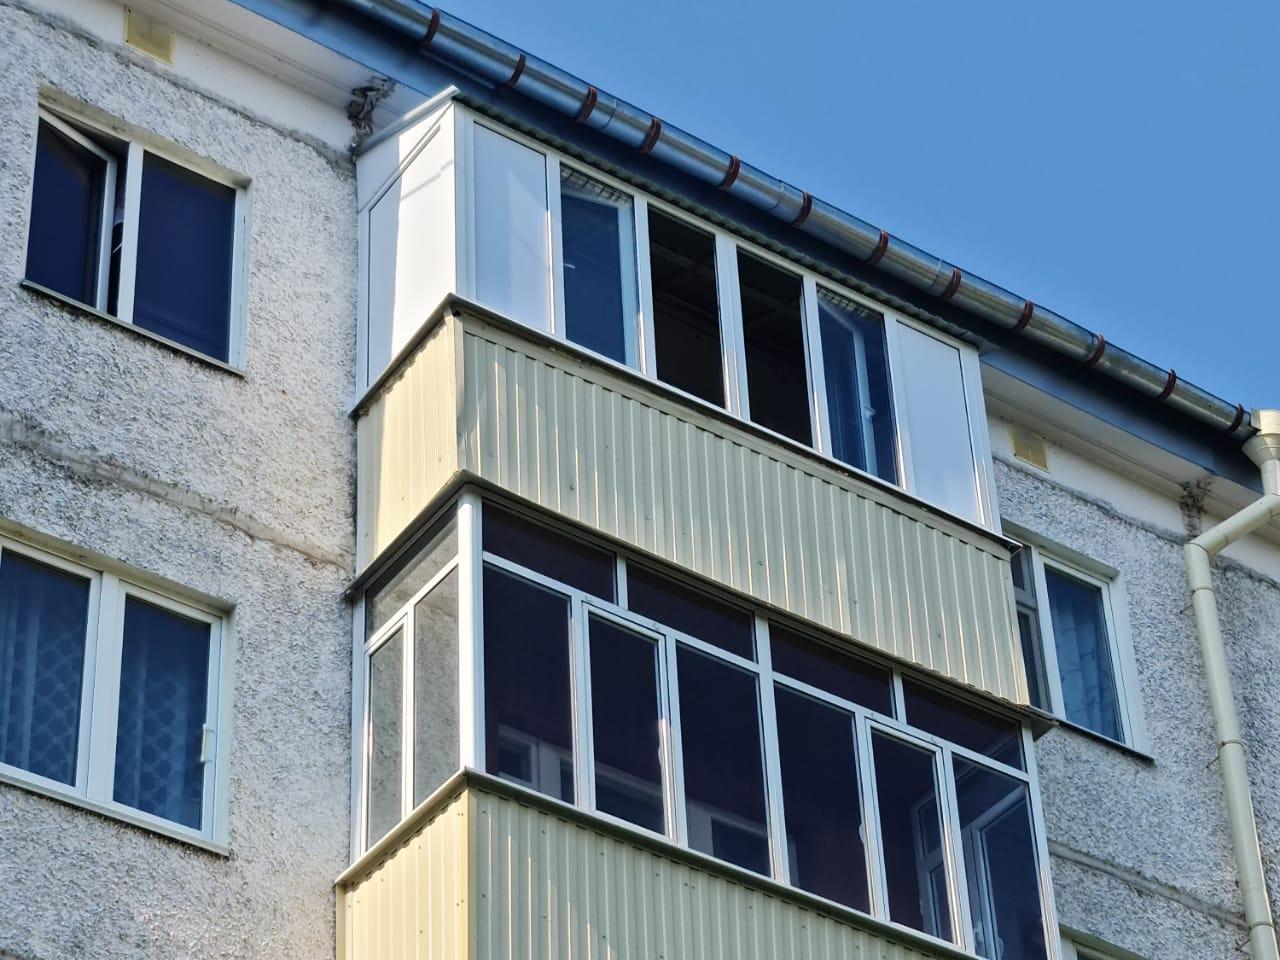 Установка пластиковых рам и сборка крыши балкона ул. Гарифьянова 34 - фото